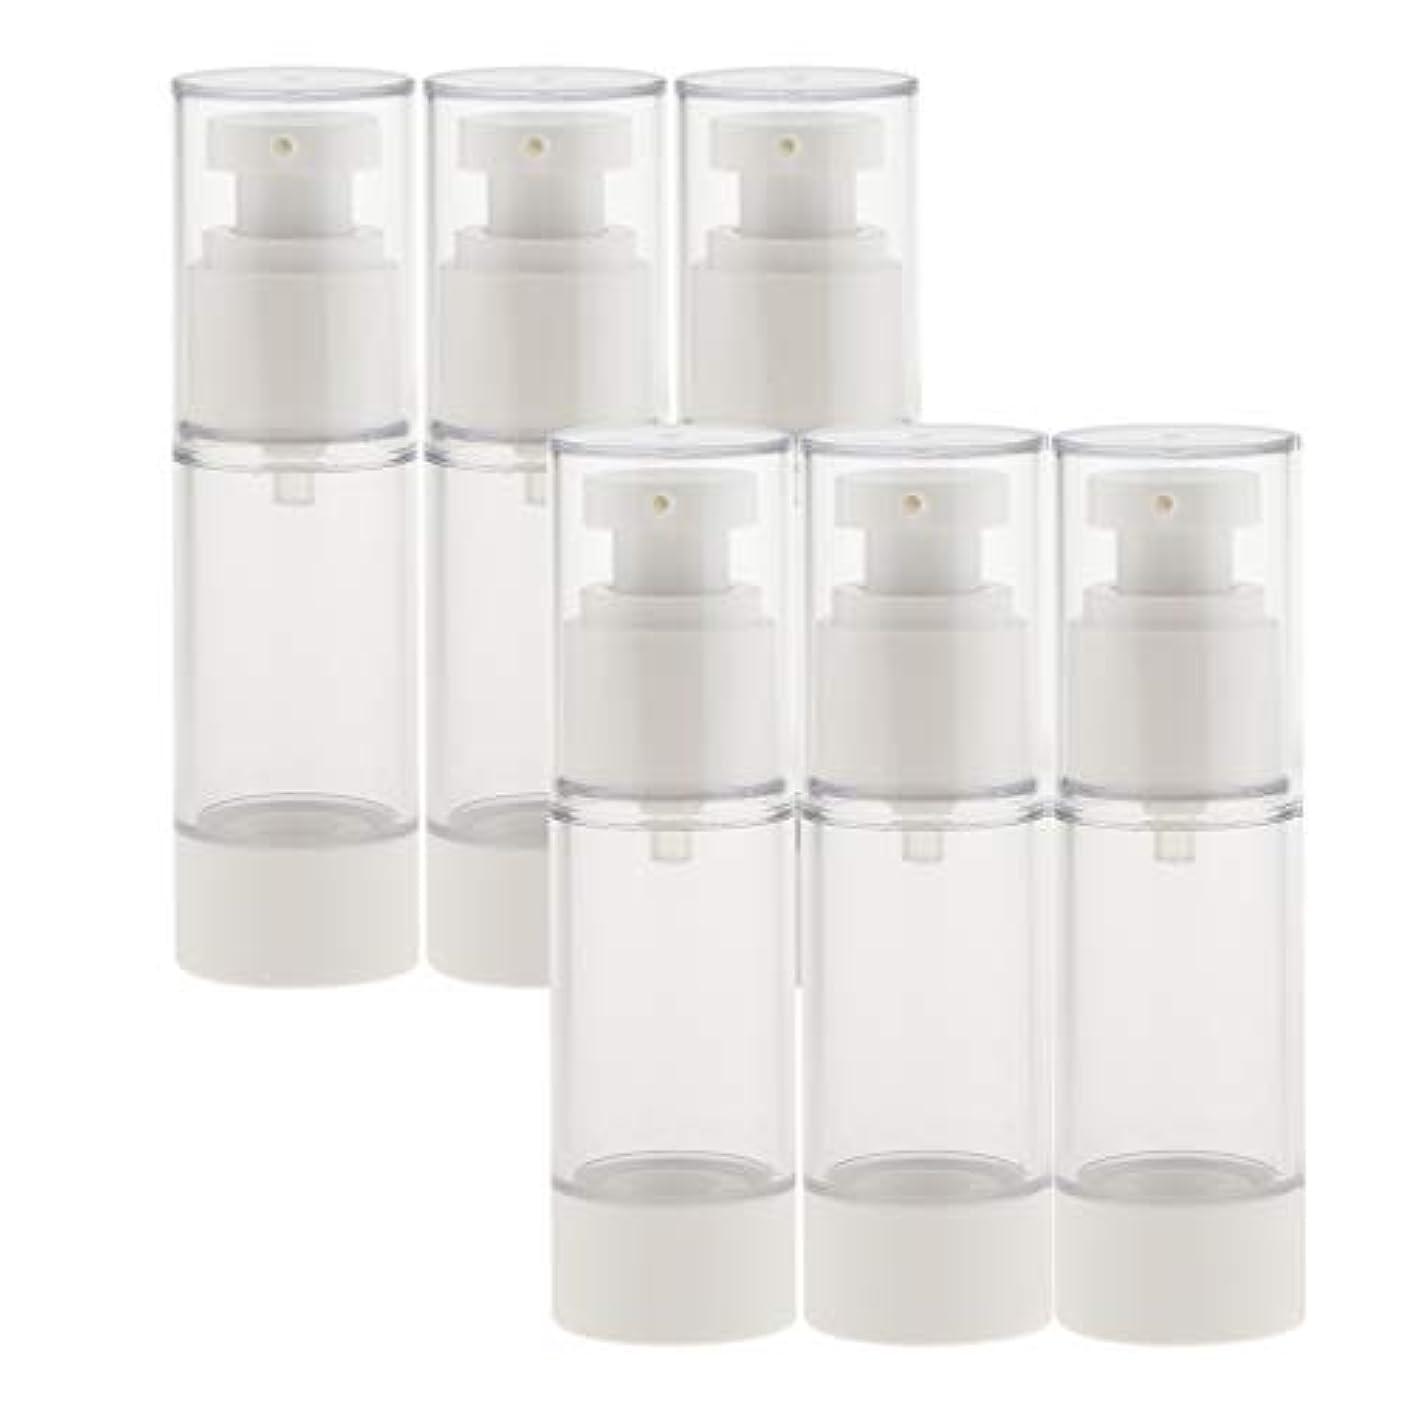 少し極小なしでdailymall スプレーボトル 6本セット 香水ボトル 真空ボトル ポンプボトル アトマイザー 全2サイズ選べ - 30ミリリットル